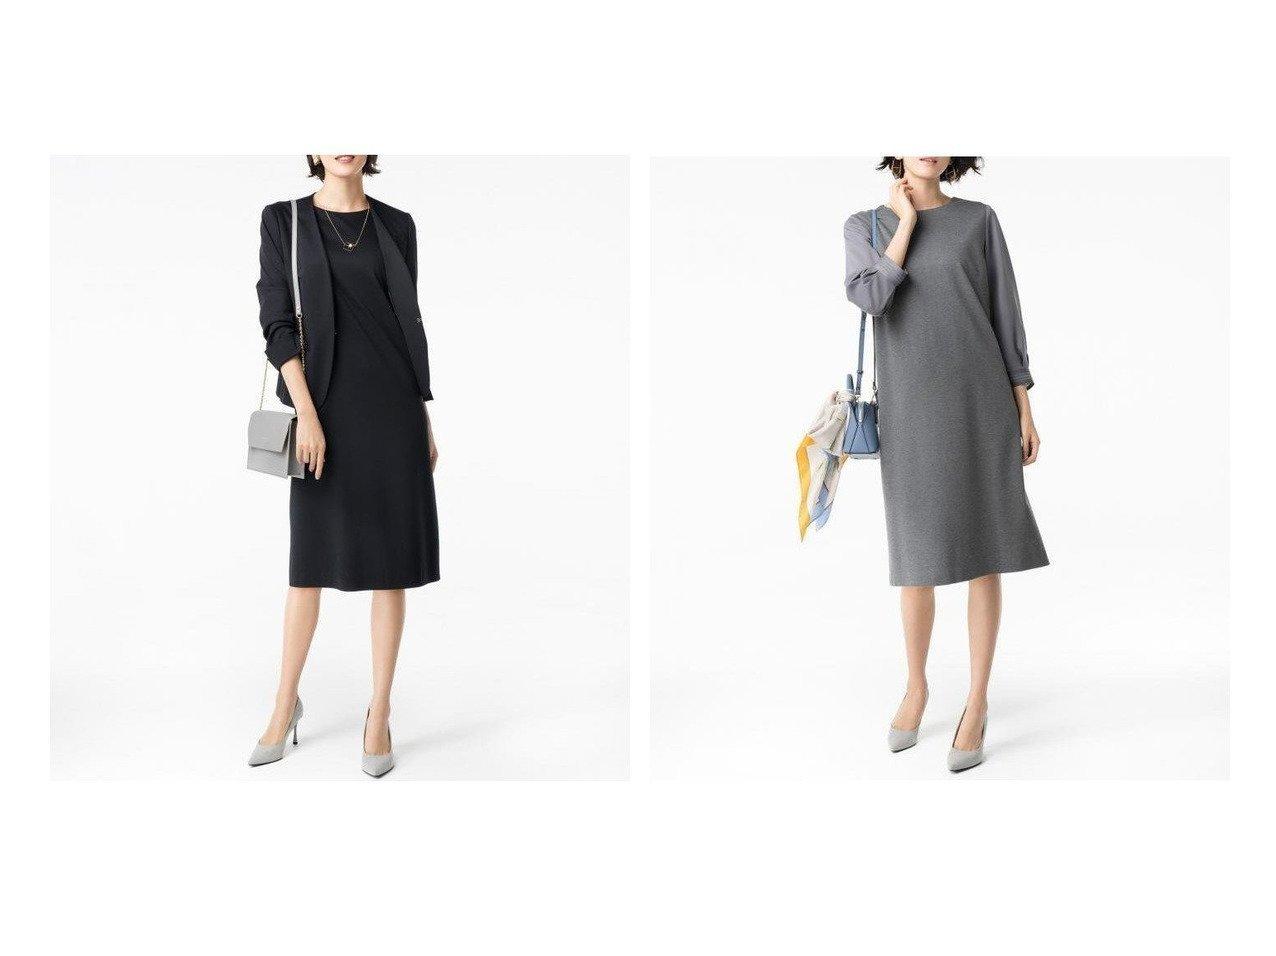 【JIYU-KU/自由区】の360°FREE ウォッシャブル ワンピース ワンピース・ドレスのおすすめ!人気、トレンド・レディースファッションの通販 おすすめで人気の流行・トレンド、ファッションの通販商品 メンズファッション・キッズファッション・インテリア・家具・レディースファッション・服の通販 founy(ファニー) https://founy.com/ ファッション Fashion レディースファッション WOMEN ワンピース Dress ウォッシャブル カットソー カフス シアー ジャケット スリーブ セットアップ ドレス リボン  ID:crp329100000024060